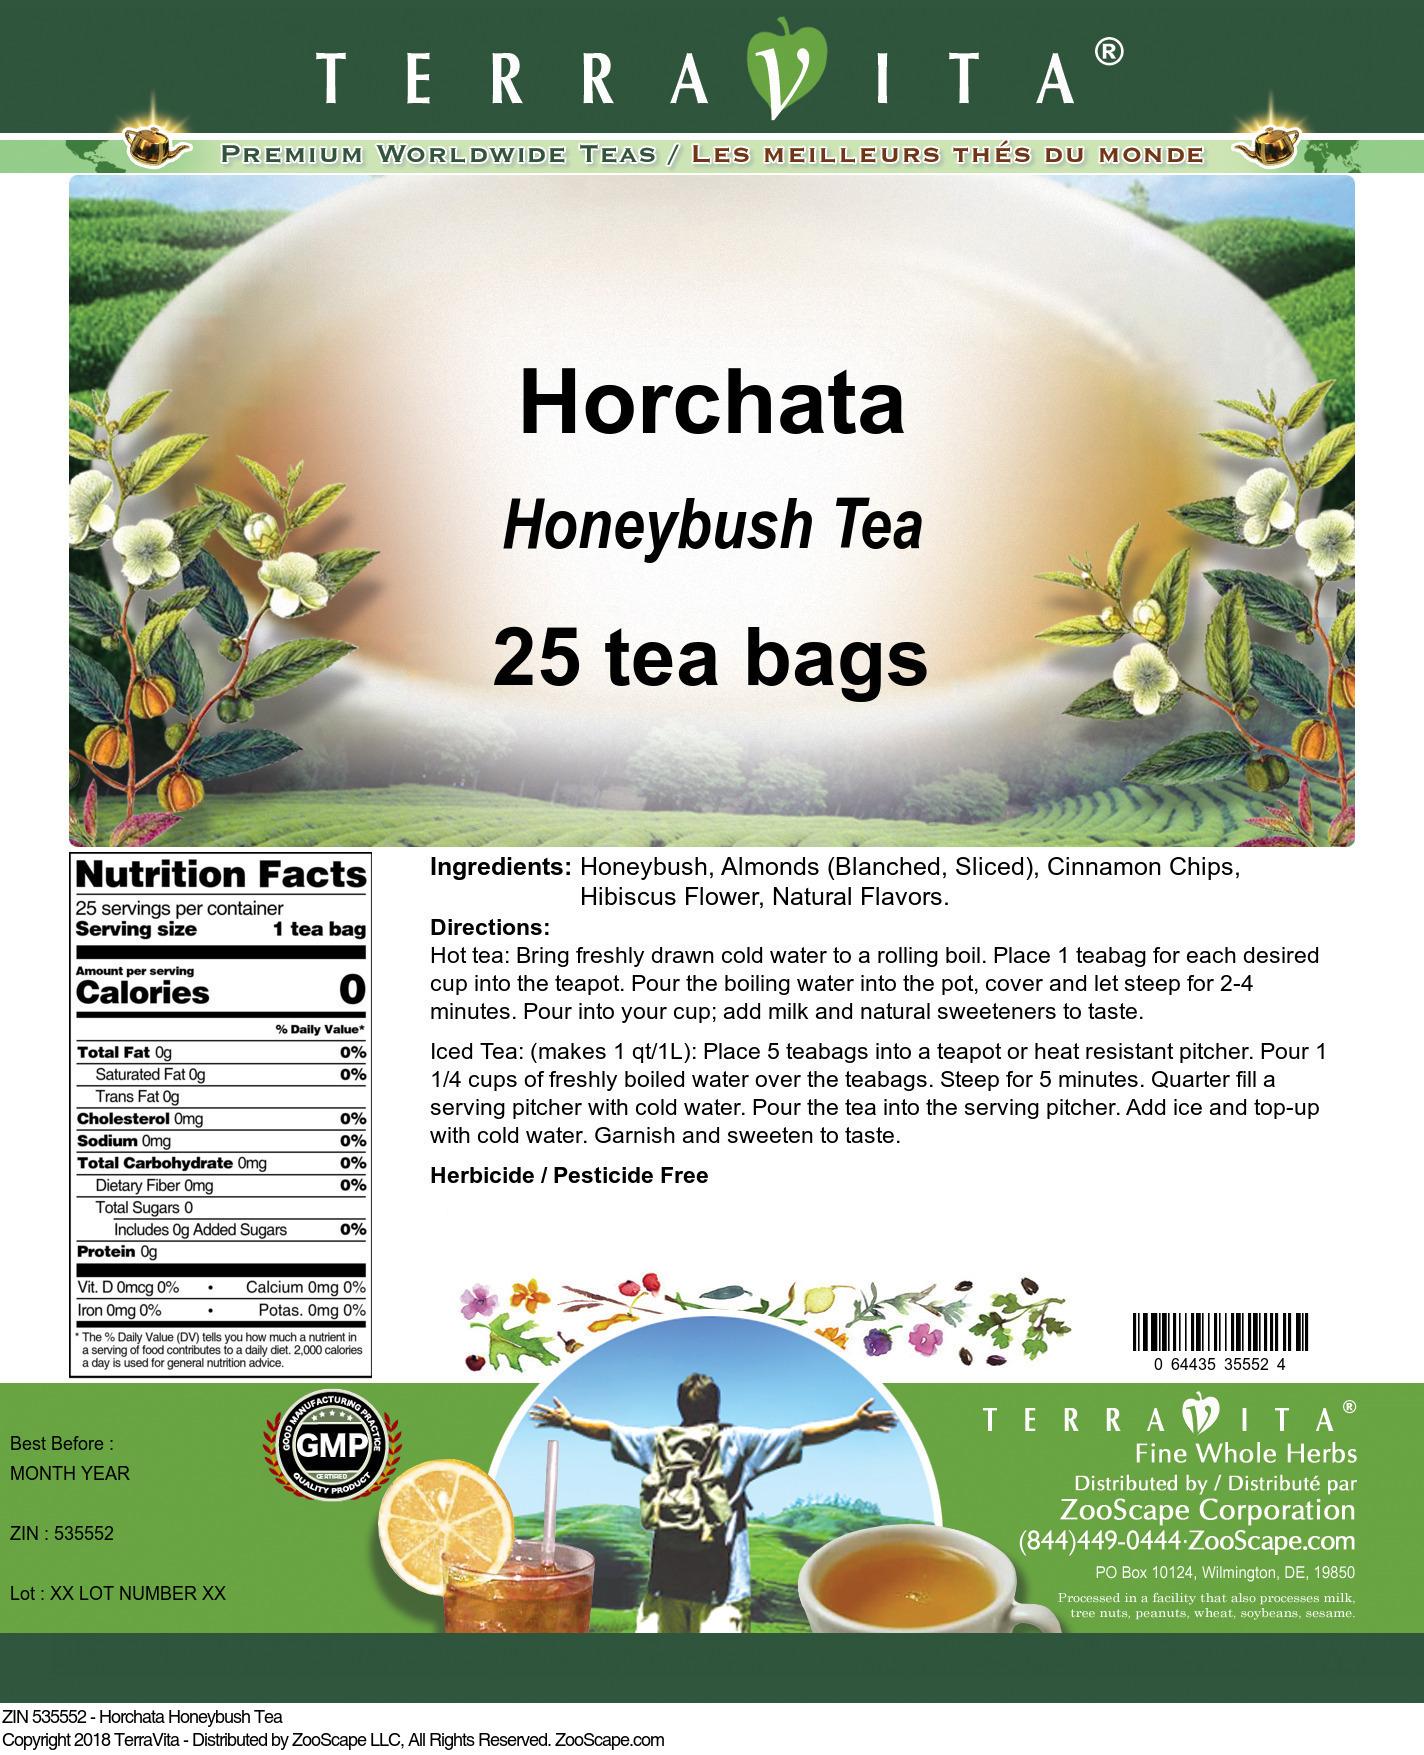 Horchata Honeybush Tea